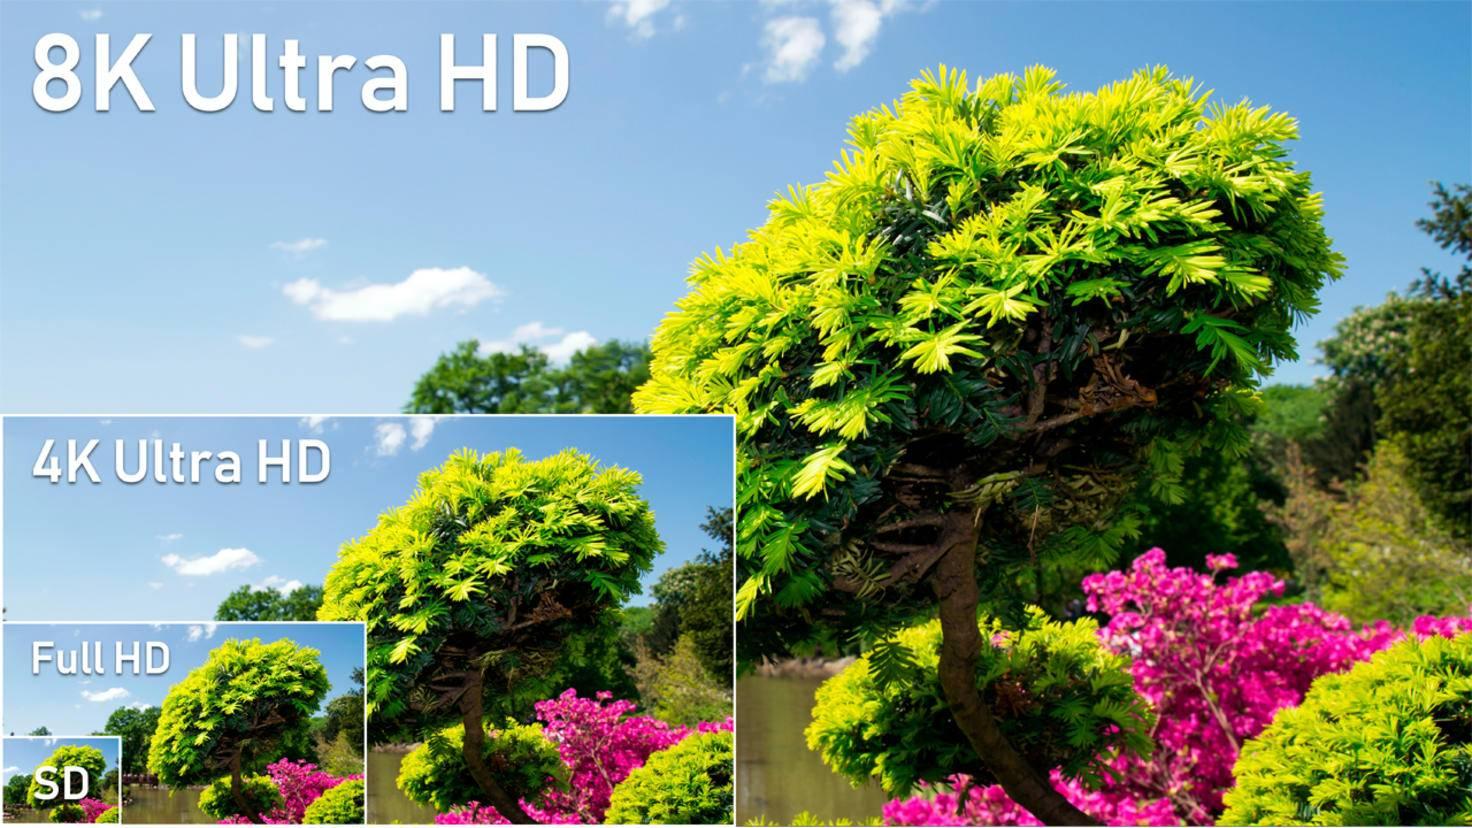 8K TV resolution Ultra HD